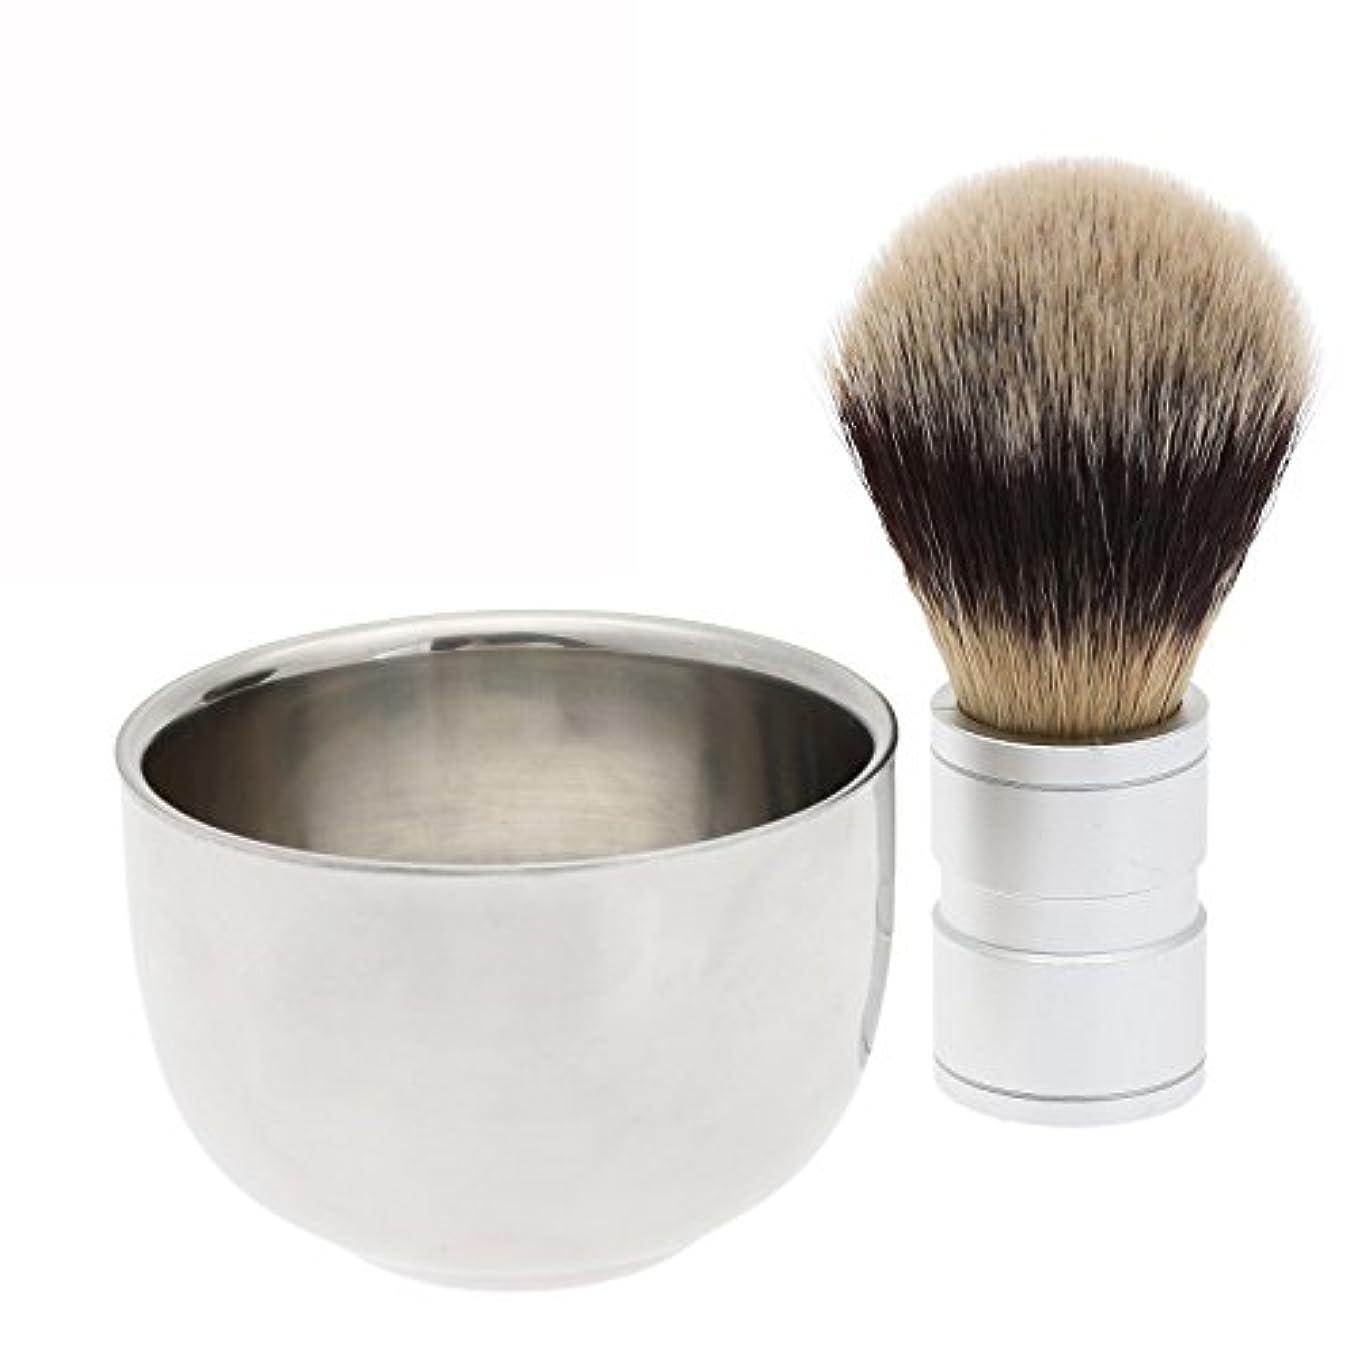 噂したいカート2PC/セット メンズシェービング用 シェービングブラシ +ステンレス鋼のボウルマグカップ ギフト 理容 洗顔 髭剃り